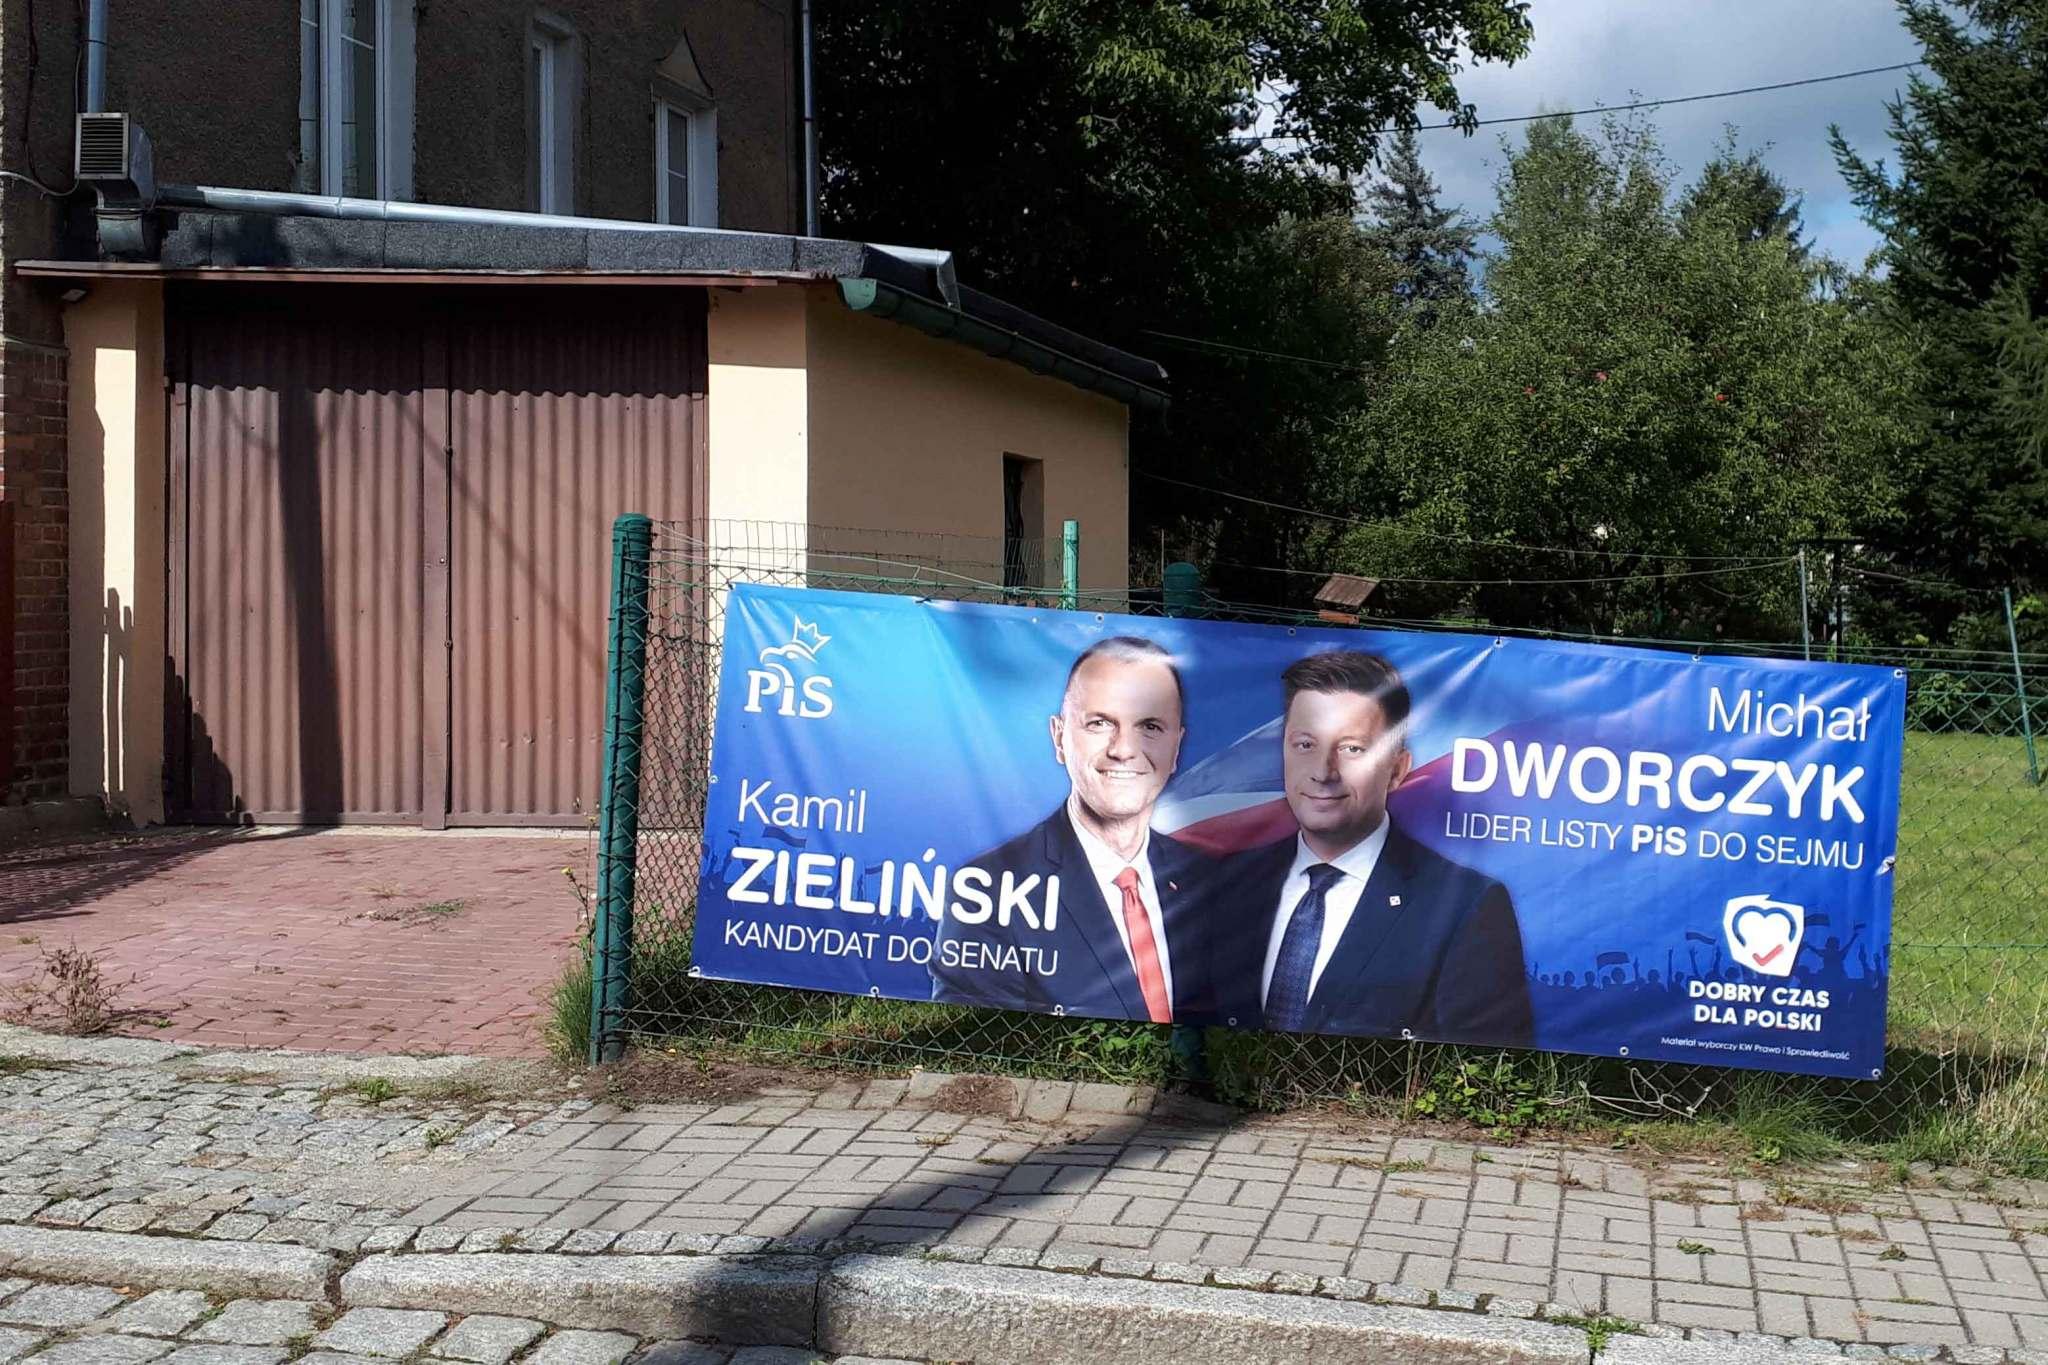 Materiał wyborczy promujący kandydatury Michała Dworczyka i Kamila Zielińskiego